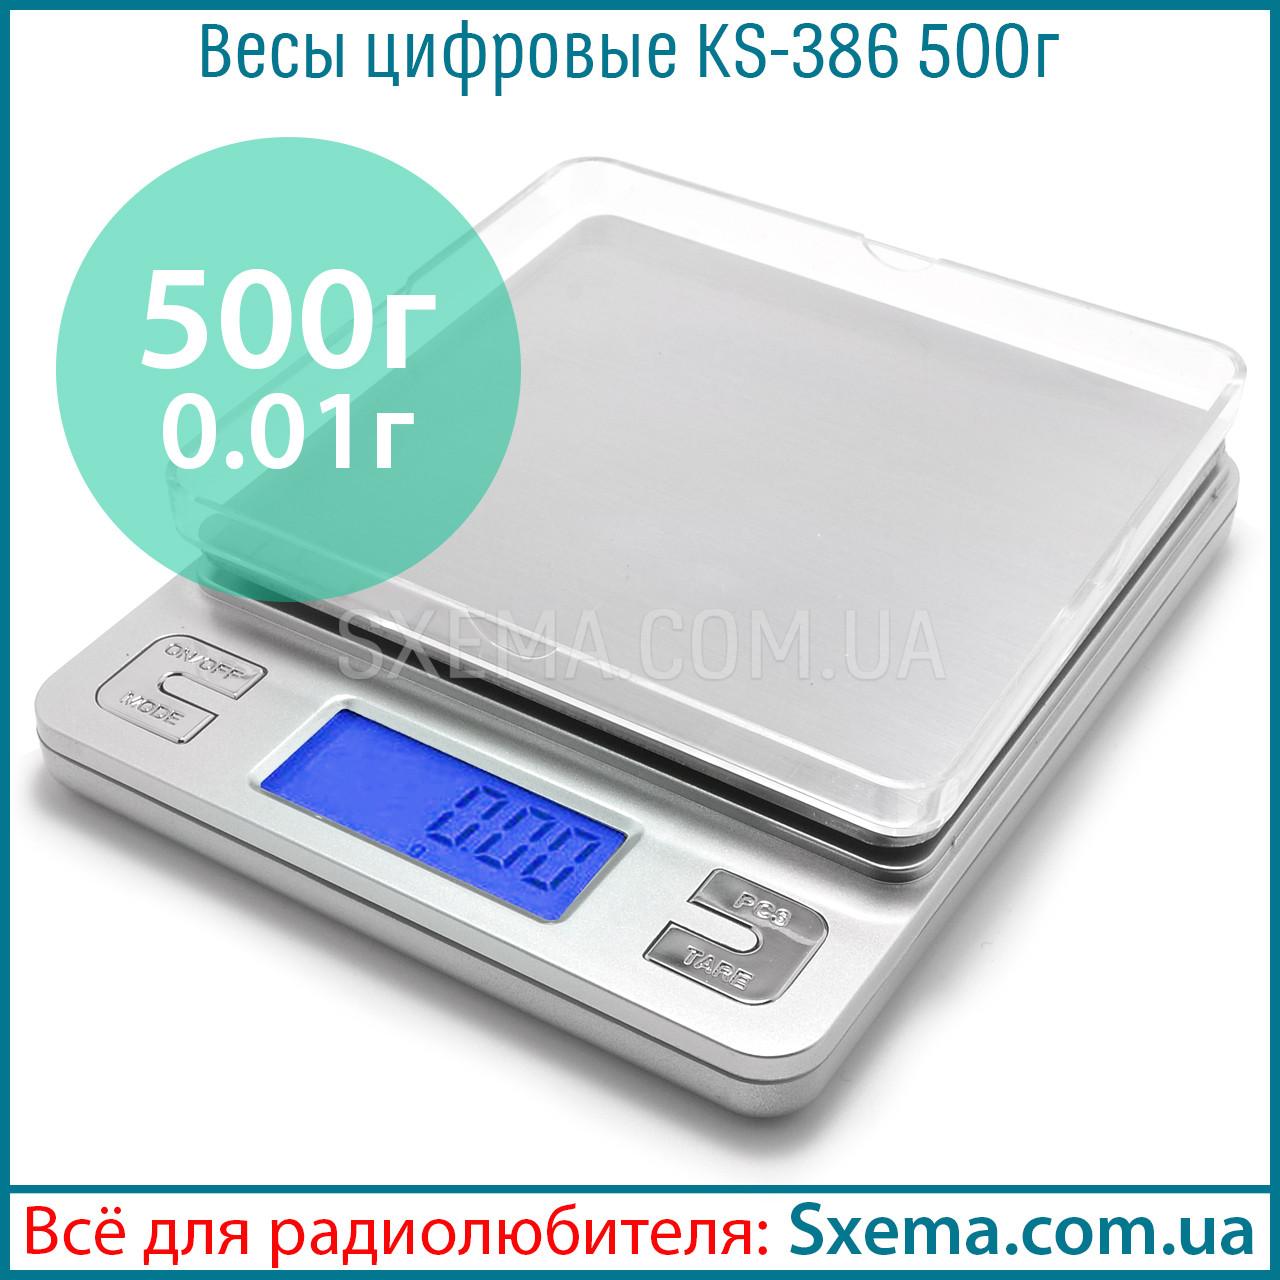 Весы цифровые KS-386 высокоточные 0.01г до 500г с подсветкой, карманные